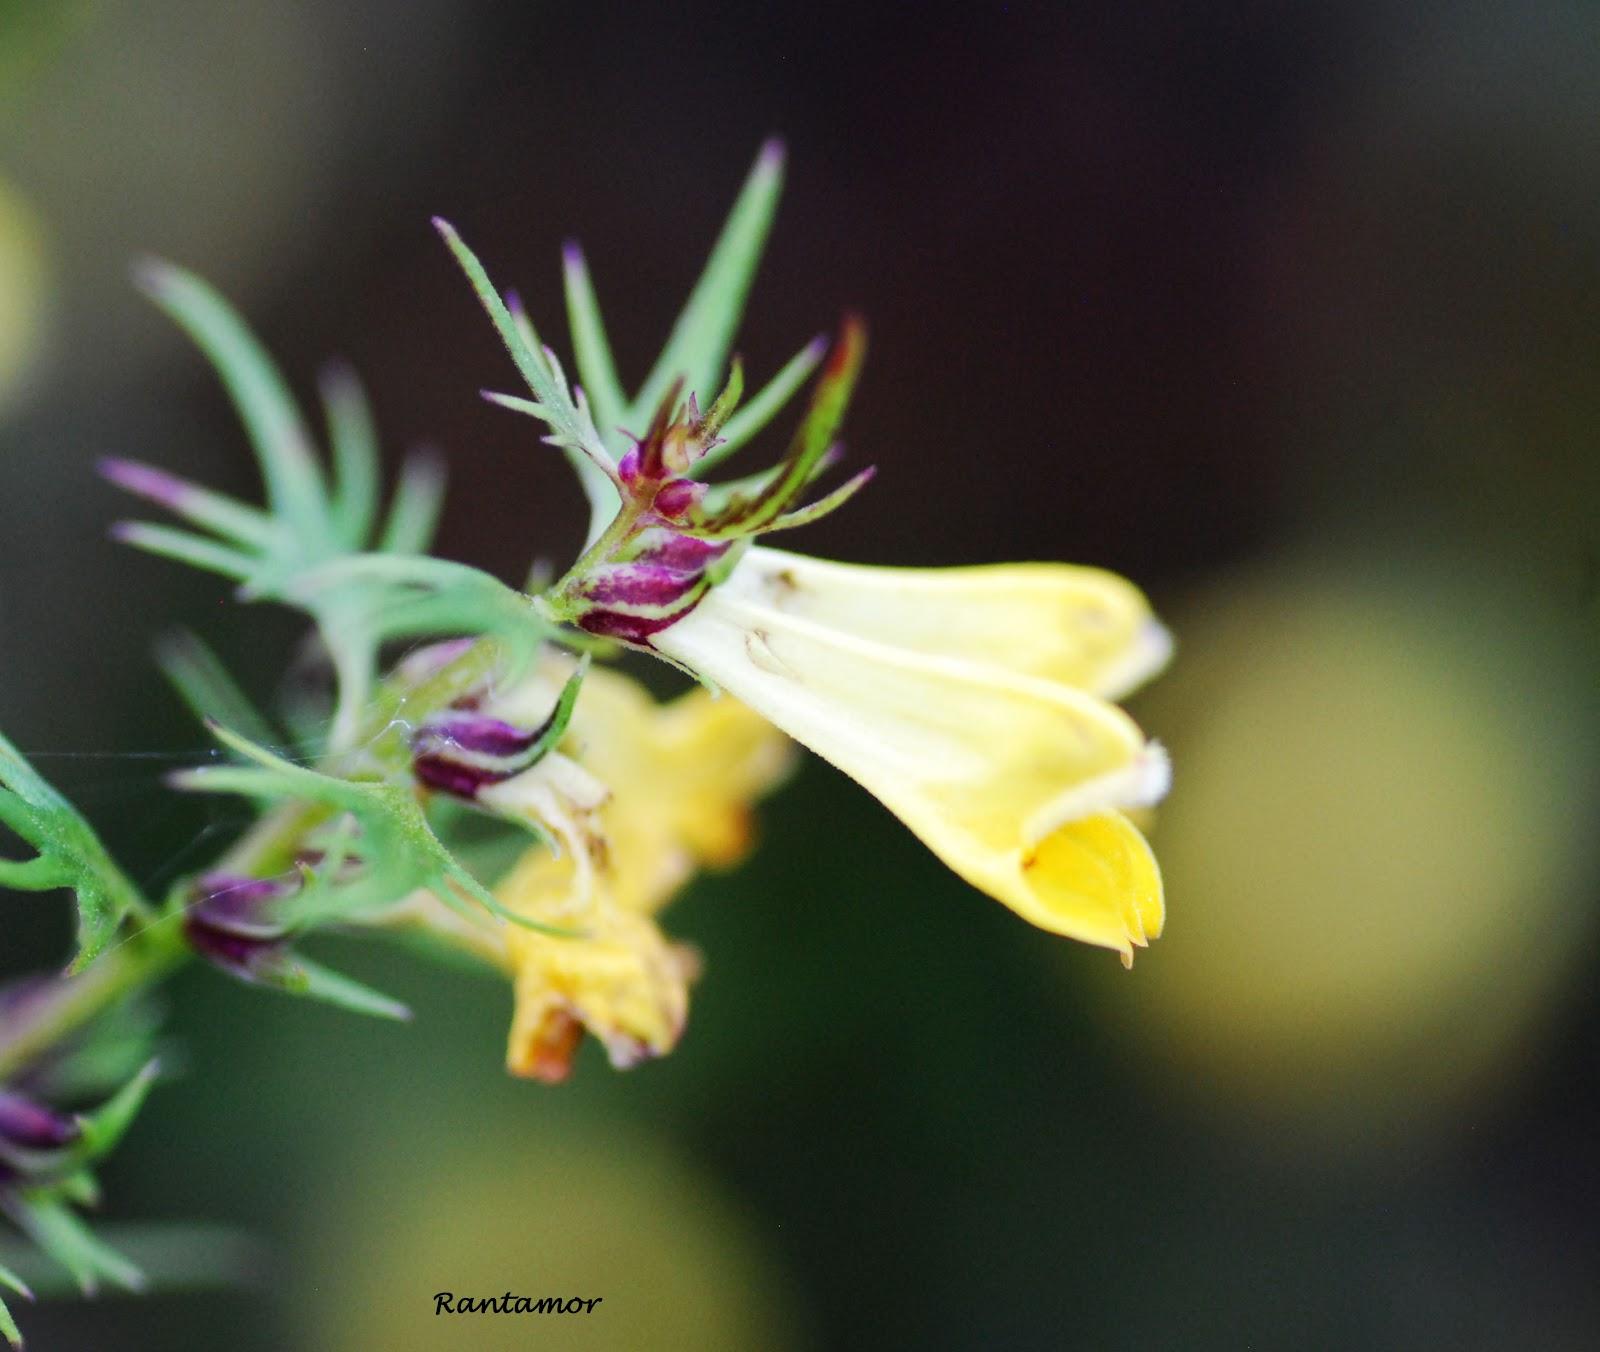 På näthinnan: med mactamron i min trädgård....